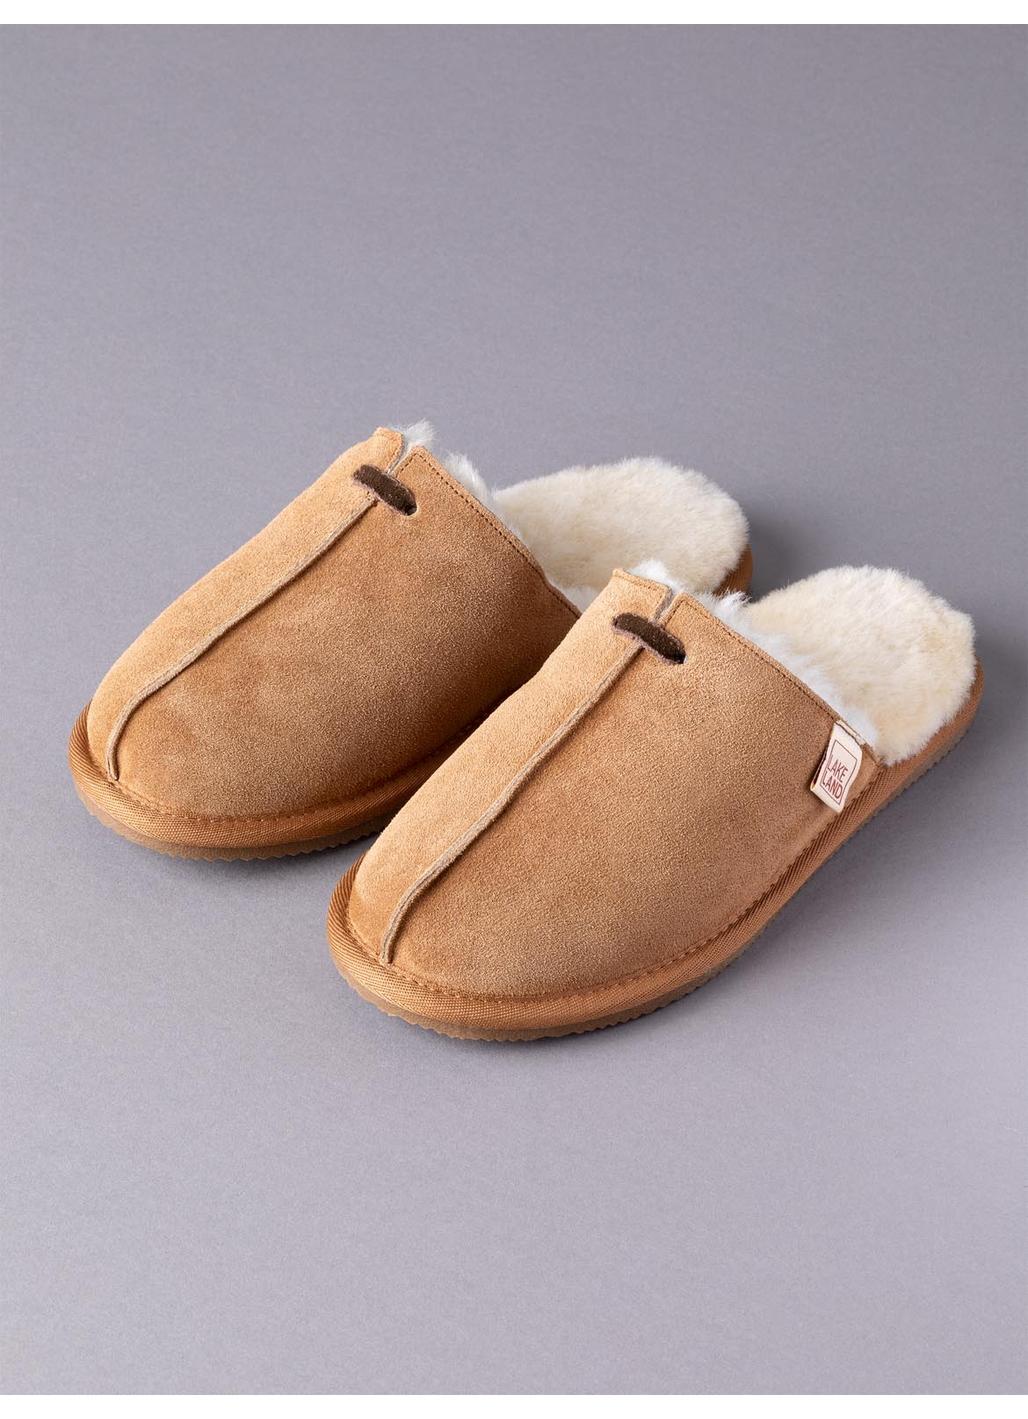 Ladies' Sheepskin Seam Sliders in Tan